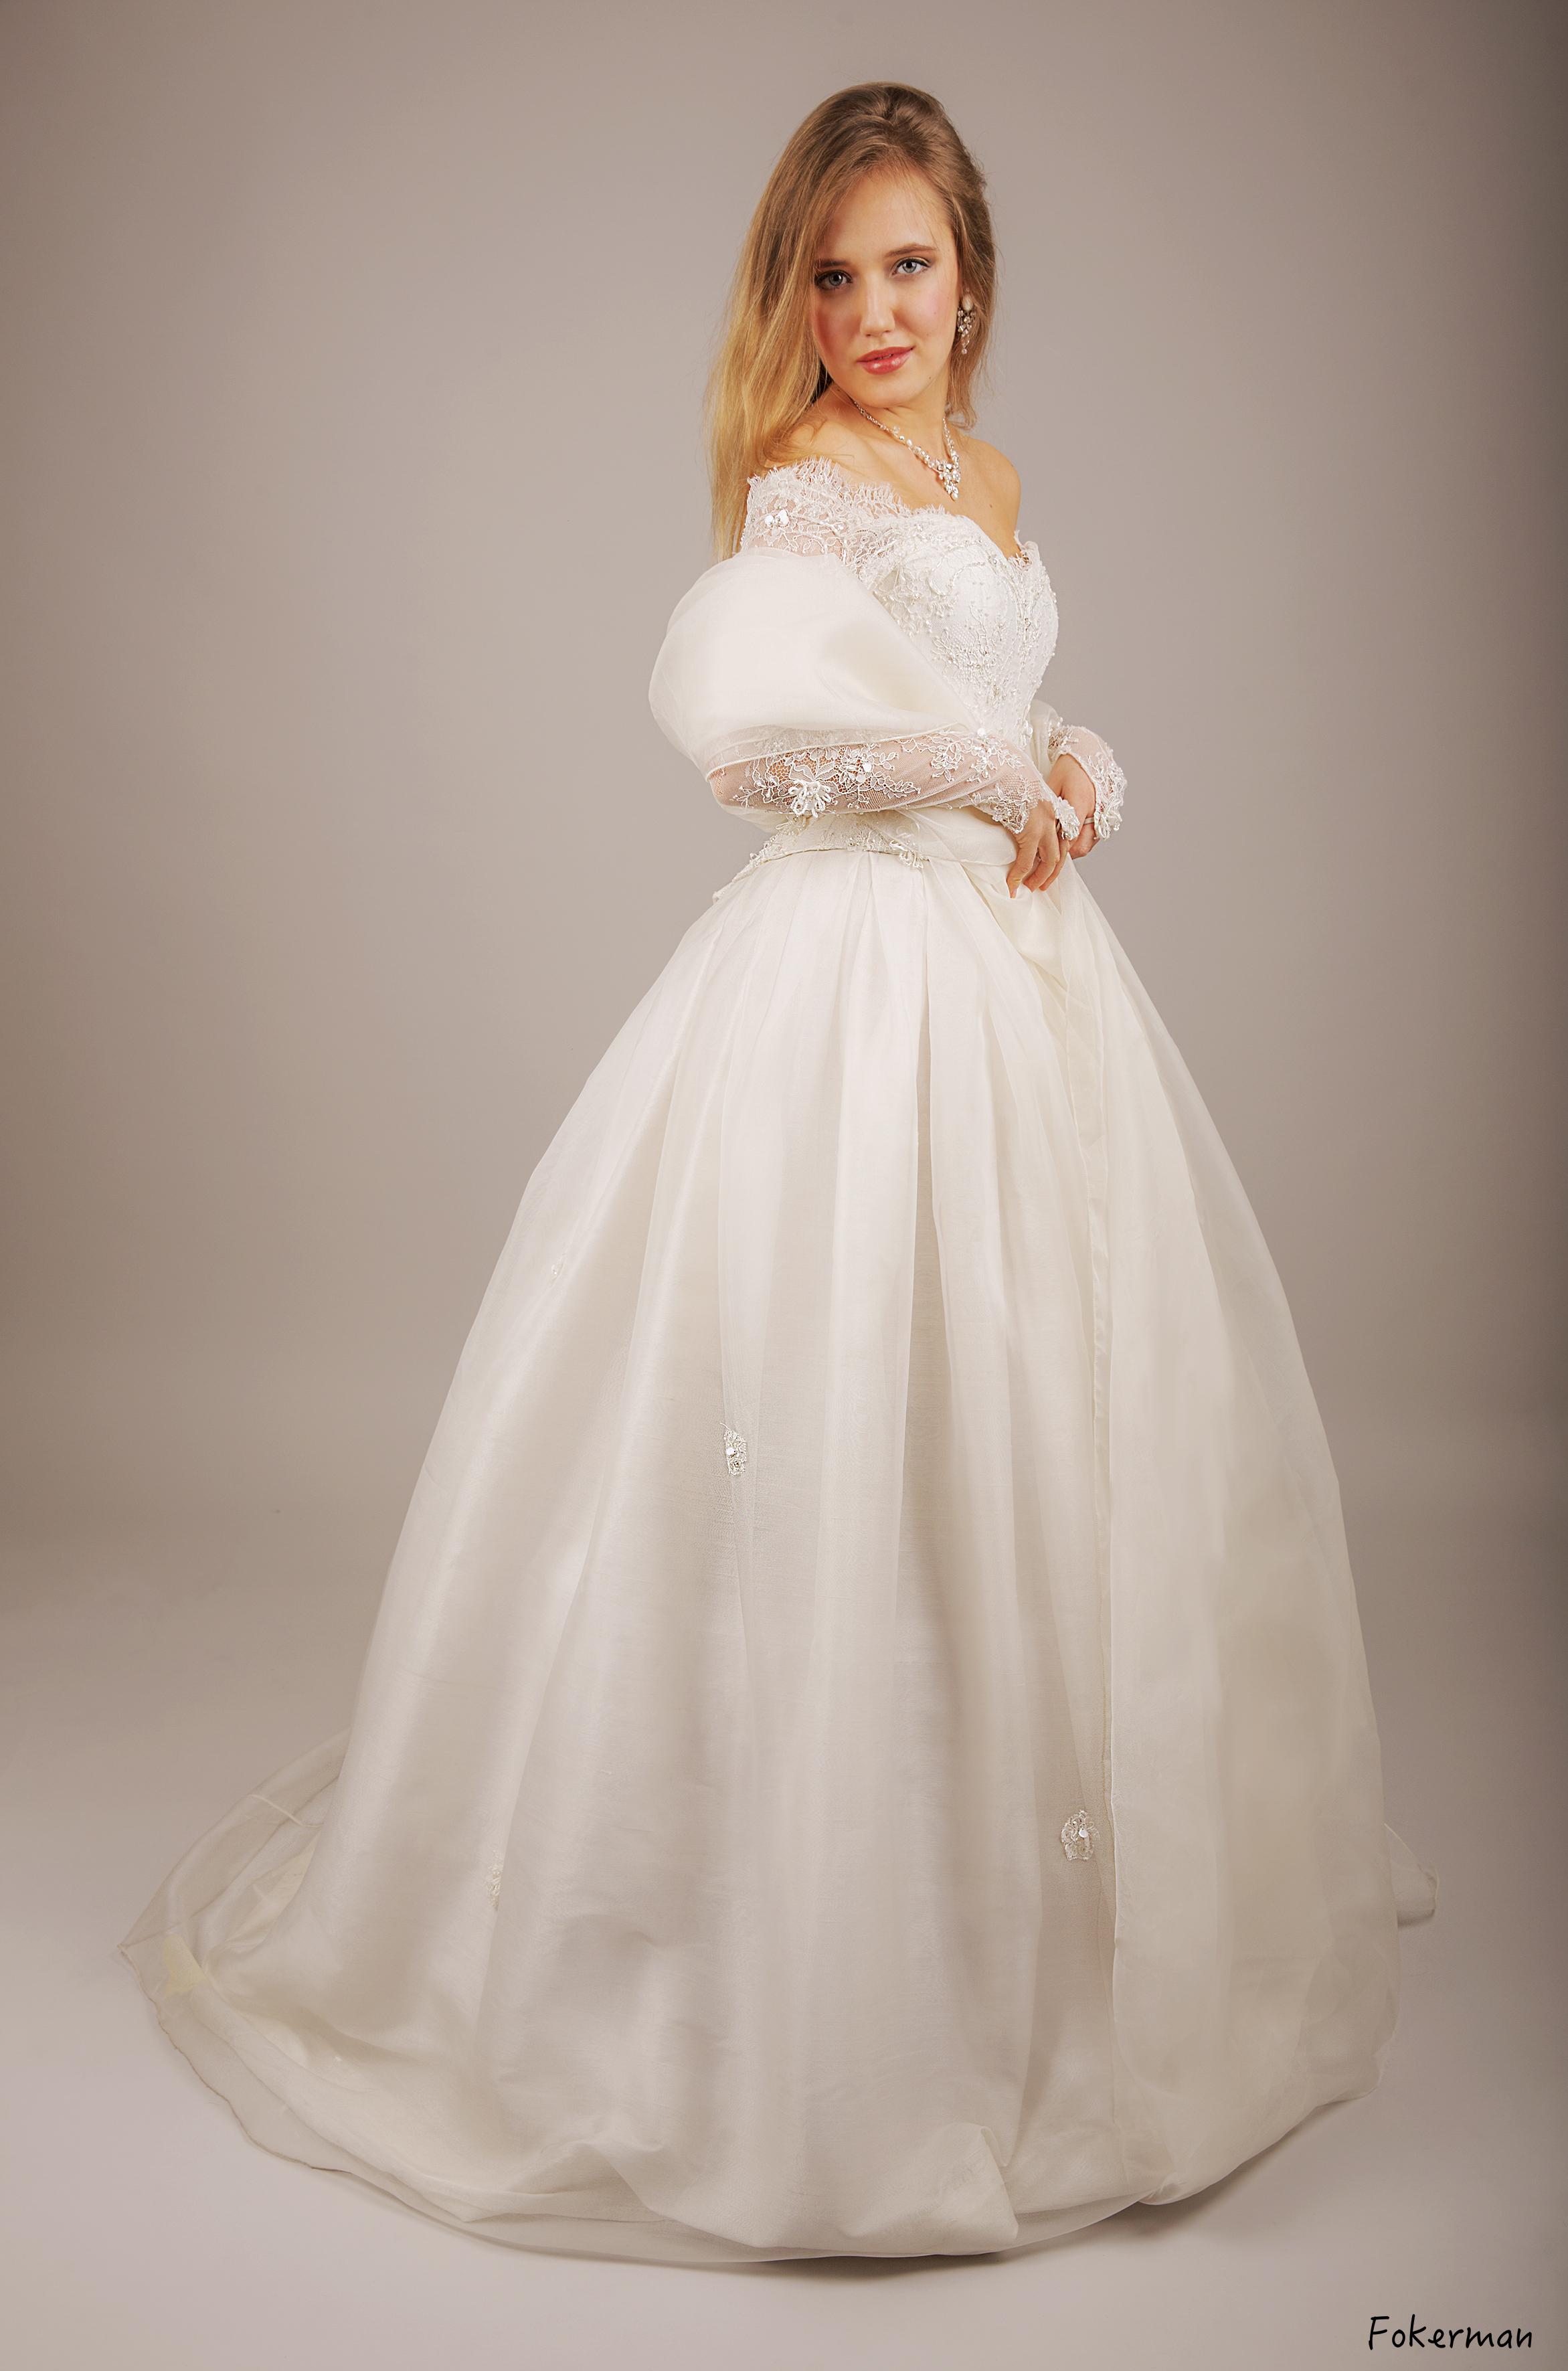 Robe de mariée Joanna Soie étole organza de soie Agnes Szabelewski.jpeg